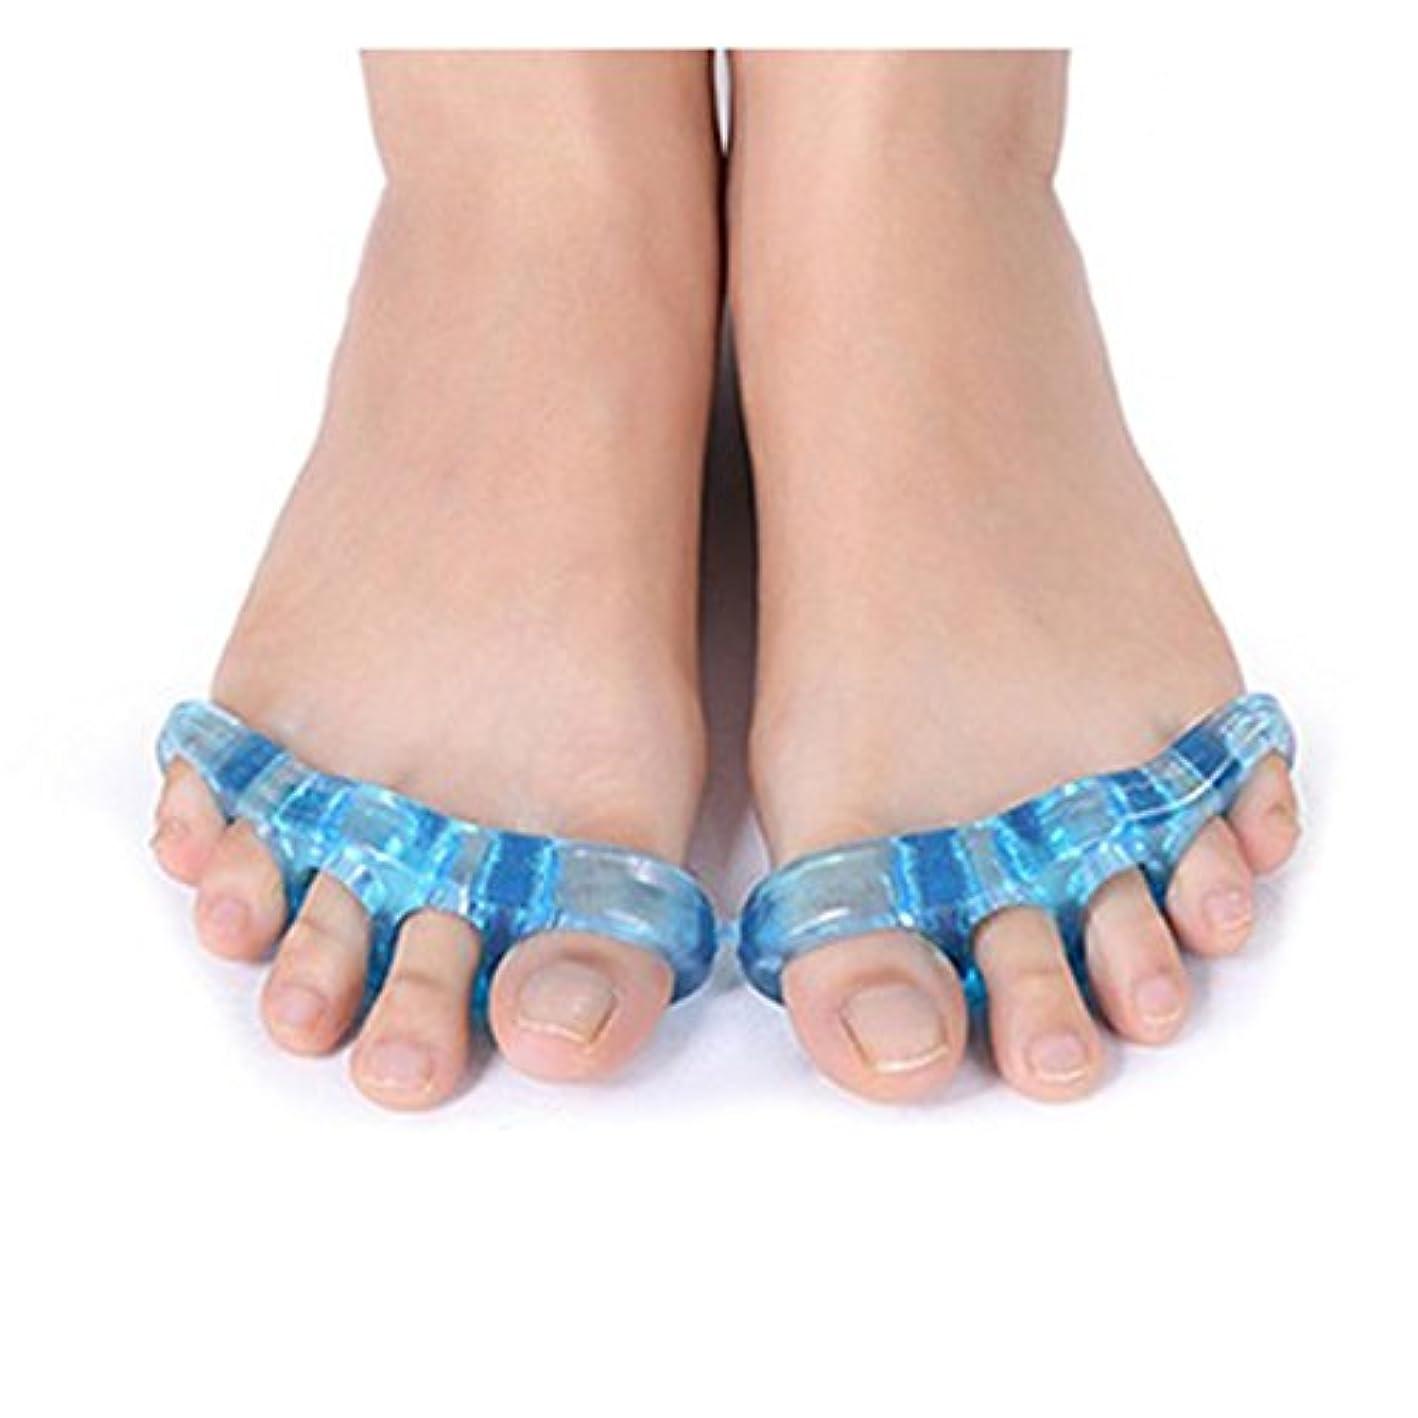 産地動脈絶妙足指ストレッチパッド 広げる 足ゆび 5本指 両足セット 足指矯正 外反母趾 つま先 (大(約12cm))